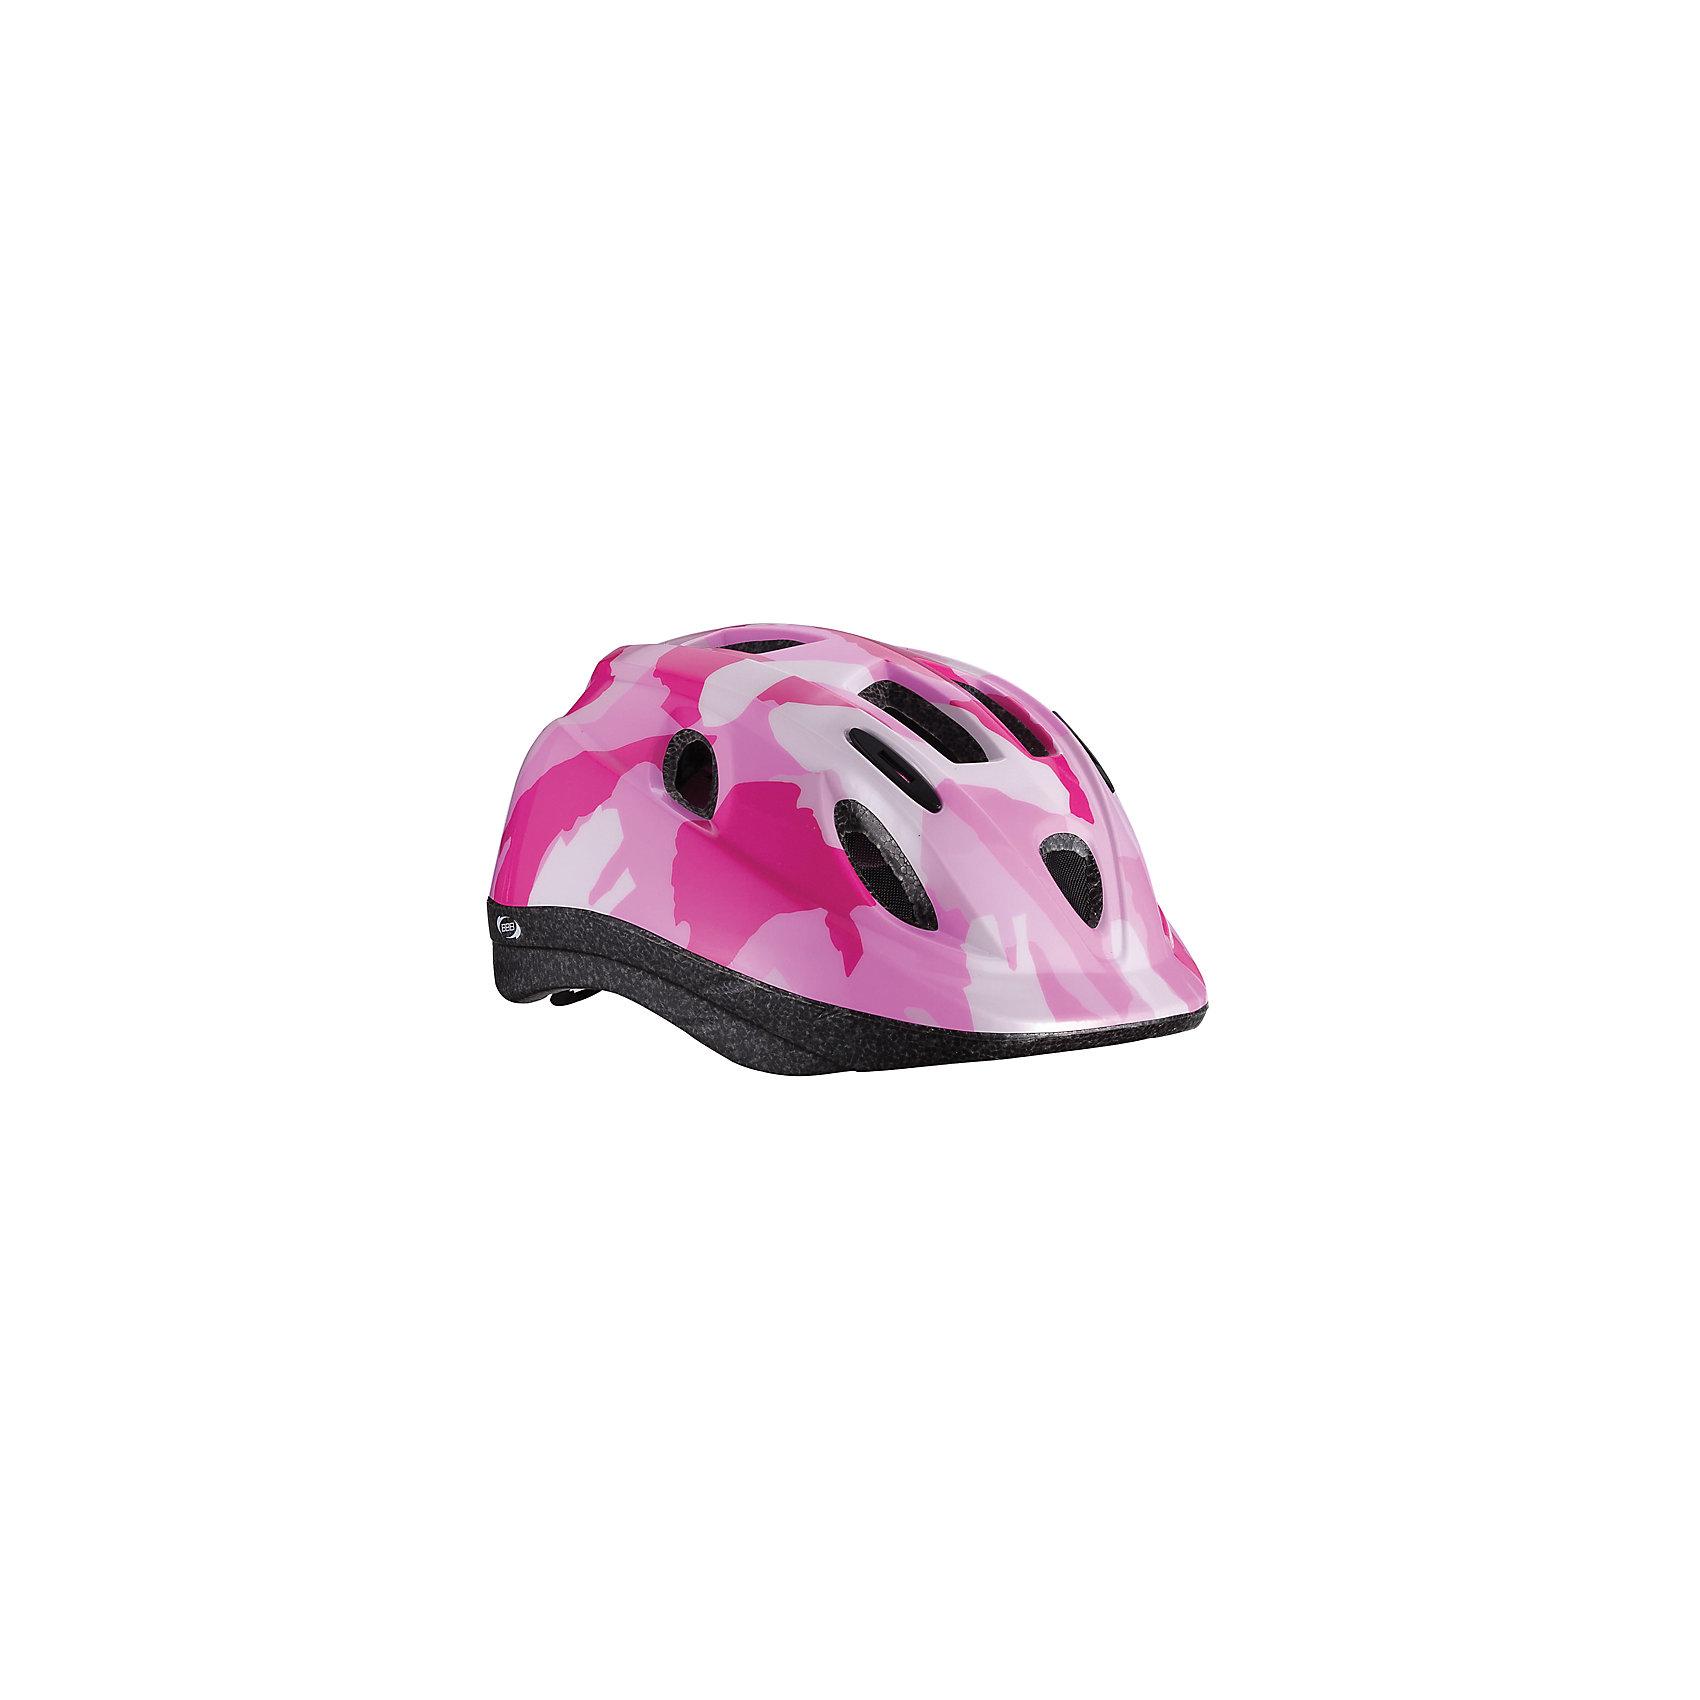 Летний шлем Boogy камуфляж розовый, BBBЗащита, шлемы<br>Характеристики товара:<br><br>• возраст от 3 лет;<br>• материал: ударопрочный пластик;<br>• 12 вентиляционных отверстий<br>• светоотражающие элементы сзади<br>• размер упаковки 27х24х18 см;<br>• вес упаковки 500 гр.;<br>• страна производитель: Китай.<br><br>Летний шлем Boogy Камуфляж розовый ВВВ надежно защитит голову во время падения при езде на велосипеде. Ремешки шлема настраиваются индивидуально для комфортной посадки. 12 вентиляционных отверстий на корпусе обеспечивают хороший воздухообмен. Сетка в вентиляционных отверстиях защищает от насекомых. Мягкие накладки обладают антибактериальными свойствами, а также по мере необходимости снимаются для стирки. На задней части шлема расположены светоотражающие элементы для видимости в темное время суток. Шлем выполнен из ударопрочного материала.<br><br>Летний шлем Boogy Камуфляж розовый ВВВ можно приобрести в нашем интернет-магазине.<br><br>Ширина мм: 270<br>Глубина мм: 240<br>Высота мм: 180<br>Вес г: 500<br>Цвет: розовый<br>Возраст от месяцев: 96<br>Возраст до месяцев: 144<br>Пол: Женский<br>Возраст: Детский<br>Размер: 52-56,48-54<br>SKU: 5566005